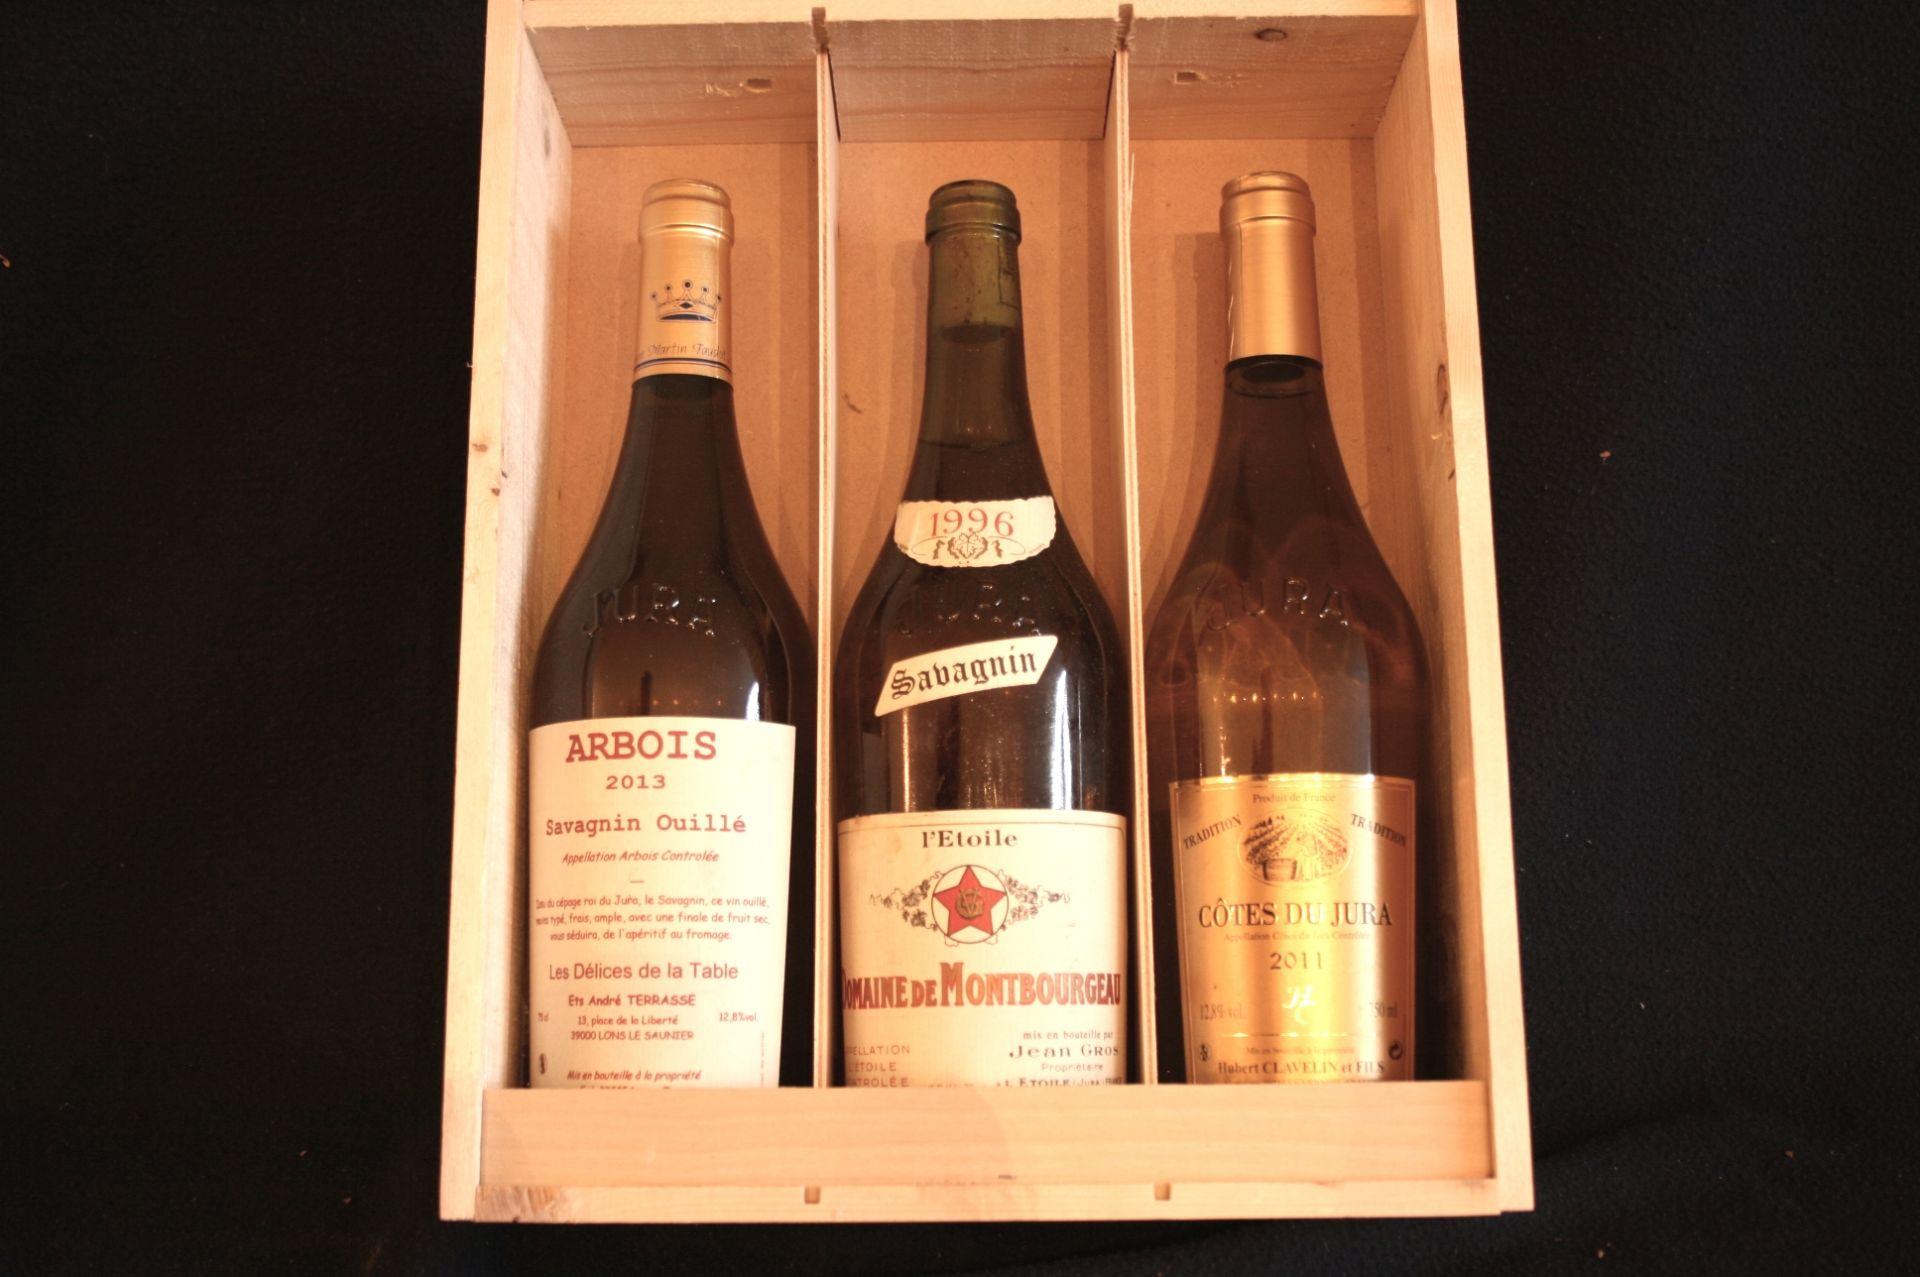 Los 27 - Dans une boîte en bois, 3 bouteilles du Jura : Vin d'ARBOIS, Savagnin Ouillé, Les [...]